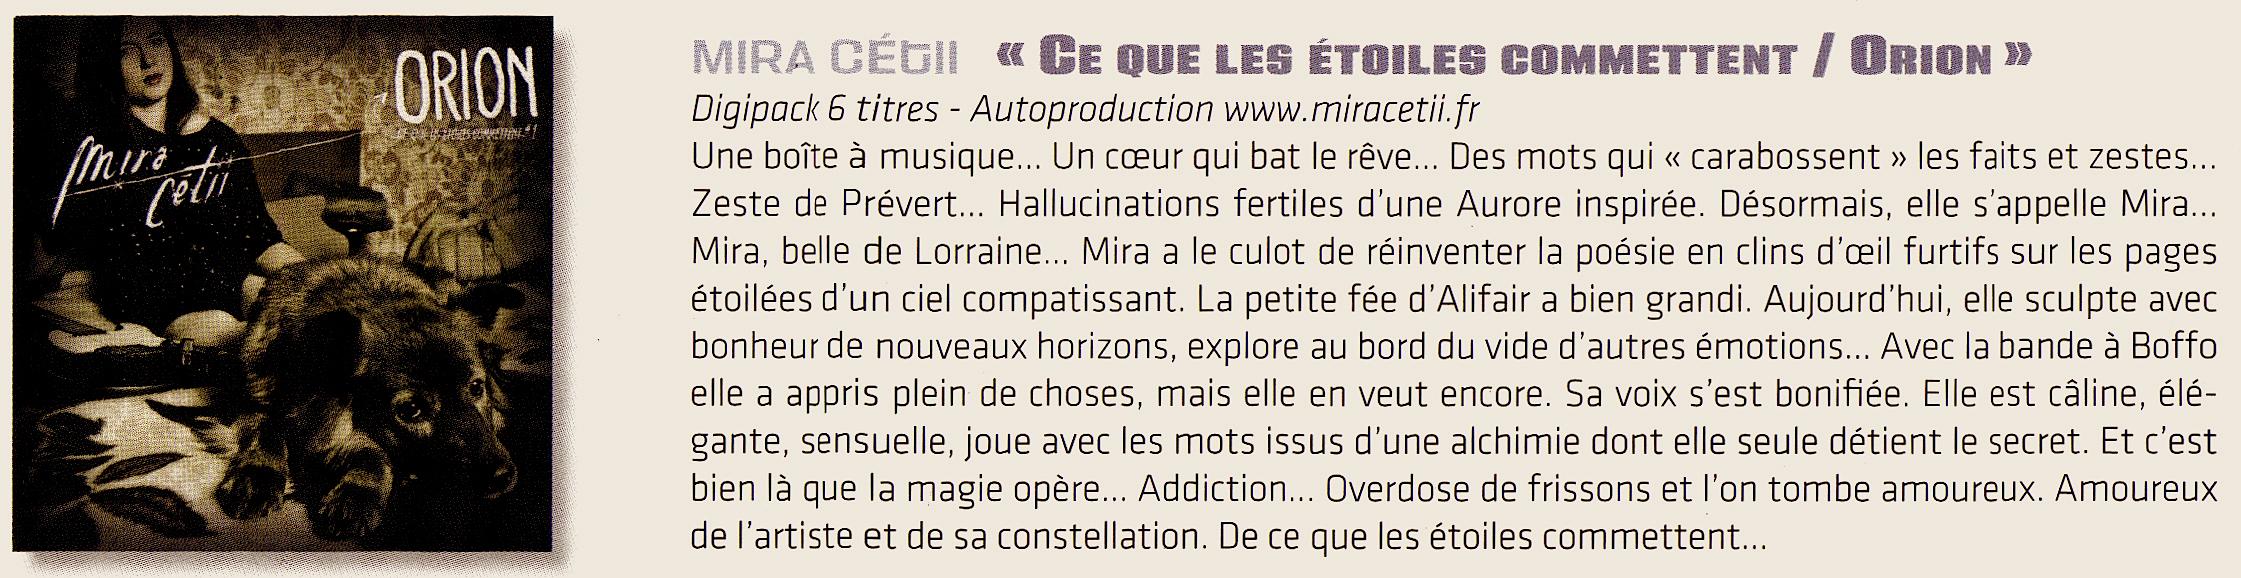 """Chronique de """"Orion"""" par Christian Décamps pour le """"Plouc Magazine"""""""